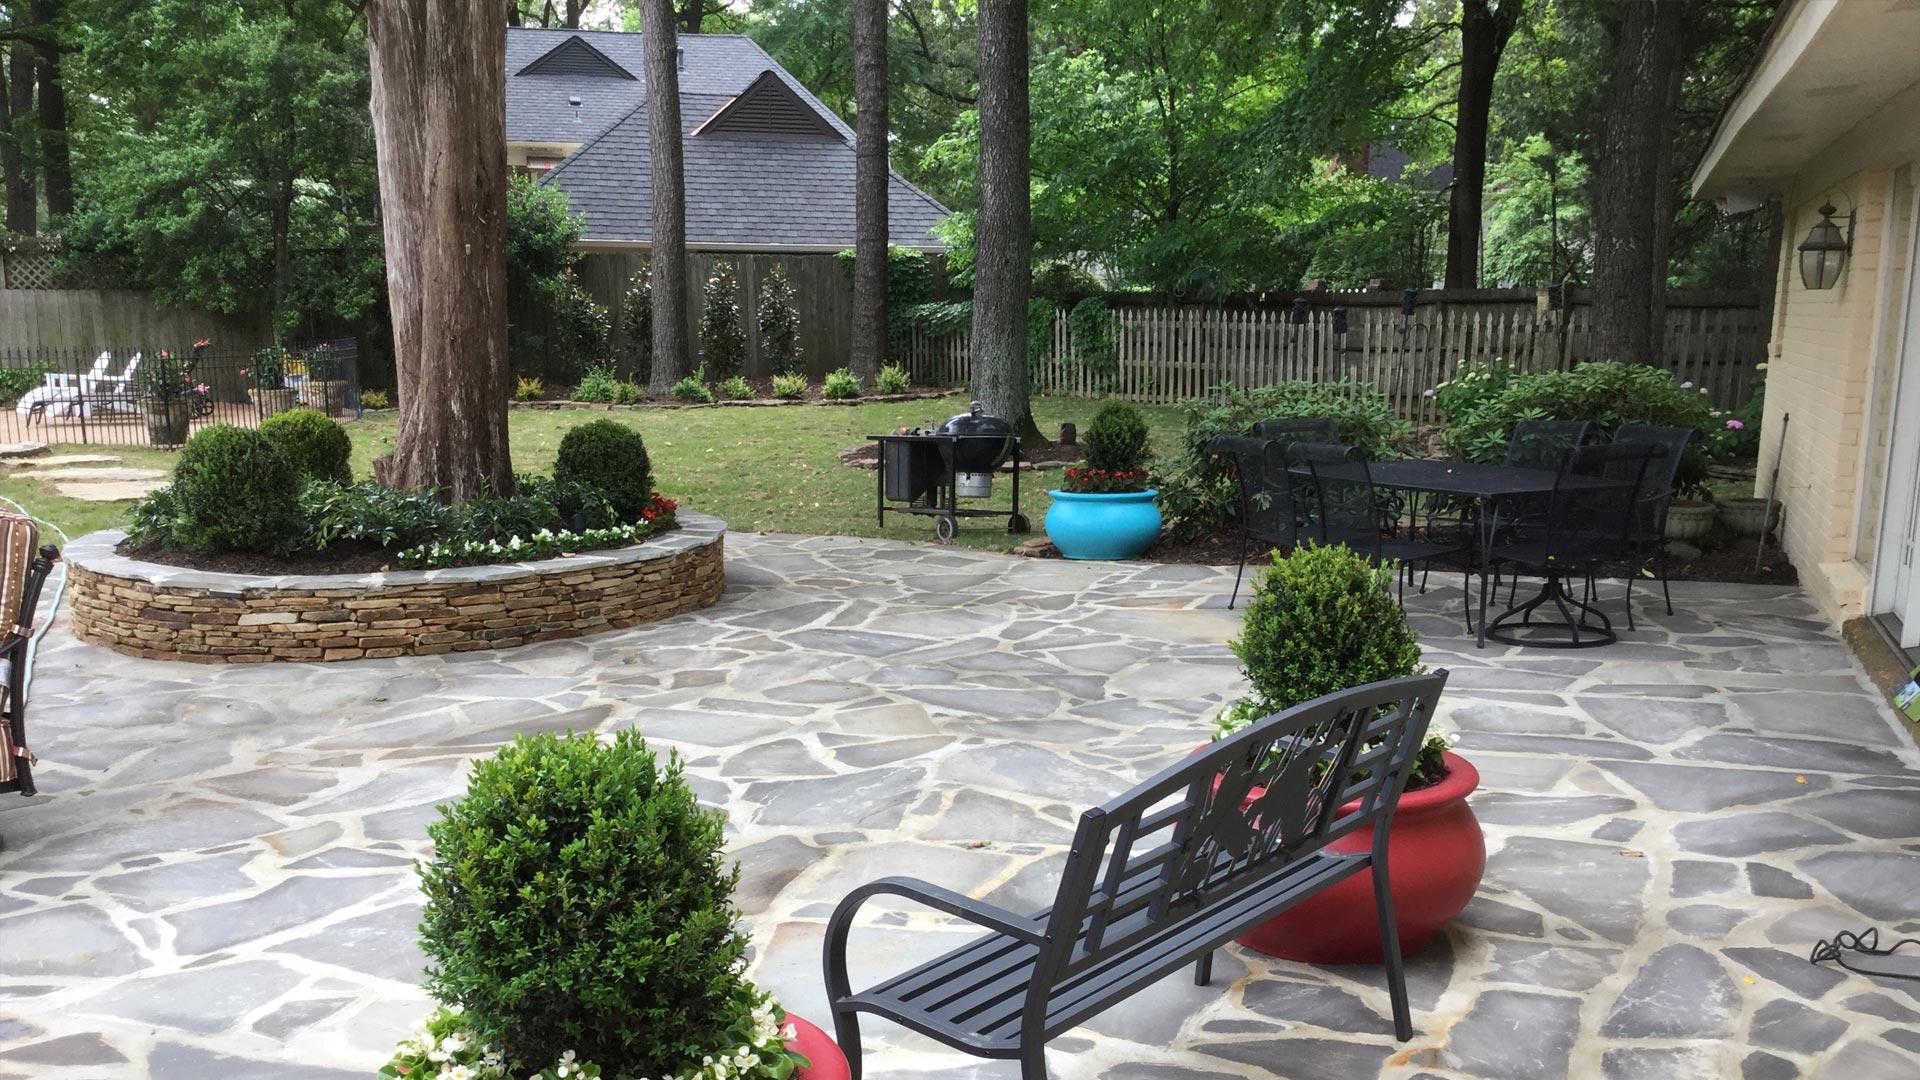 Landscaping For Landscapers Landscape Design, Landscaping and Landscape Contractor slide 3